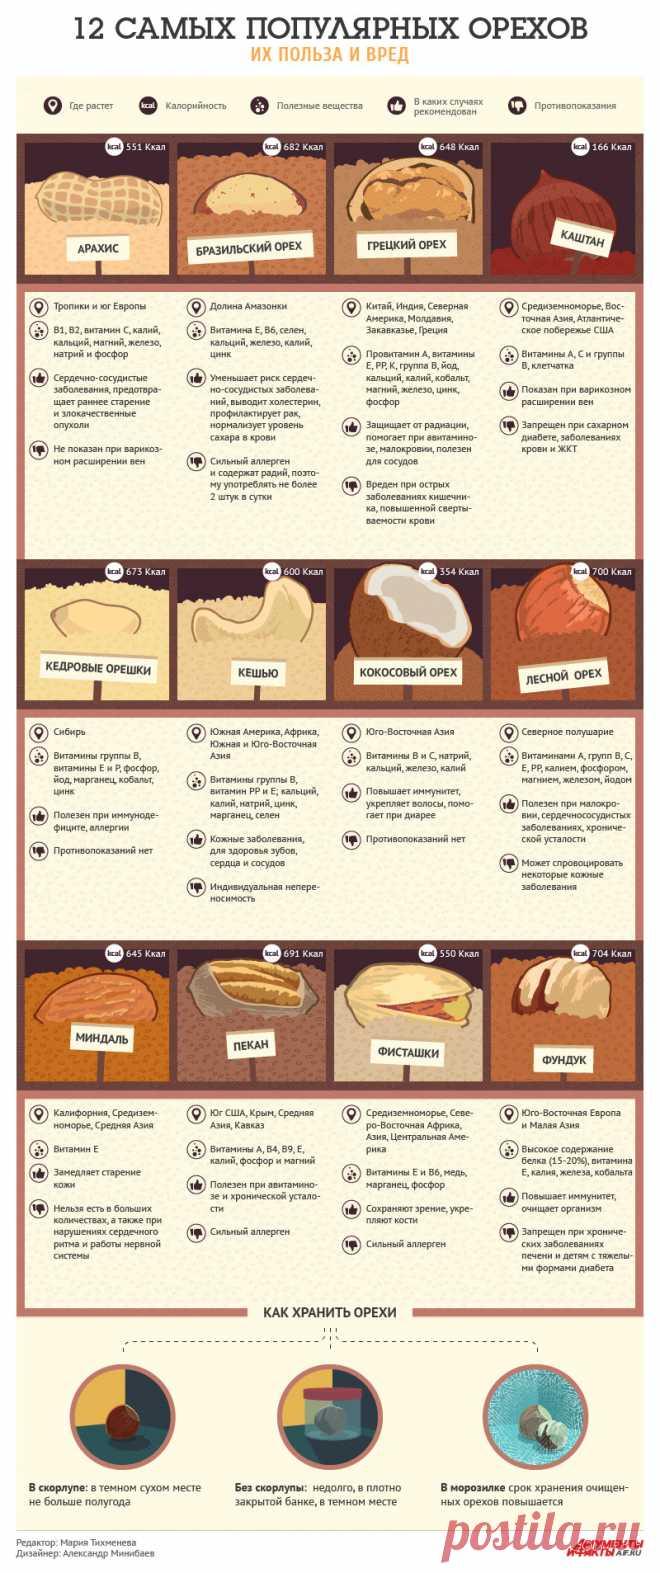 12 самых популярных орехов: их польза и вред. Инфографика - Продукты и напитки - Кухня - Аргументы и Факты